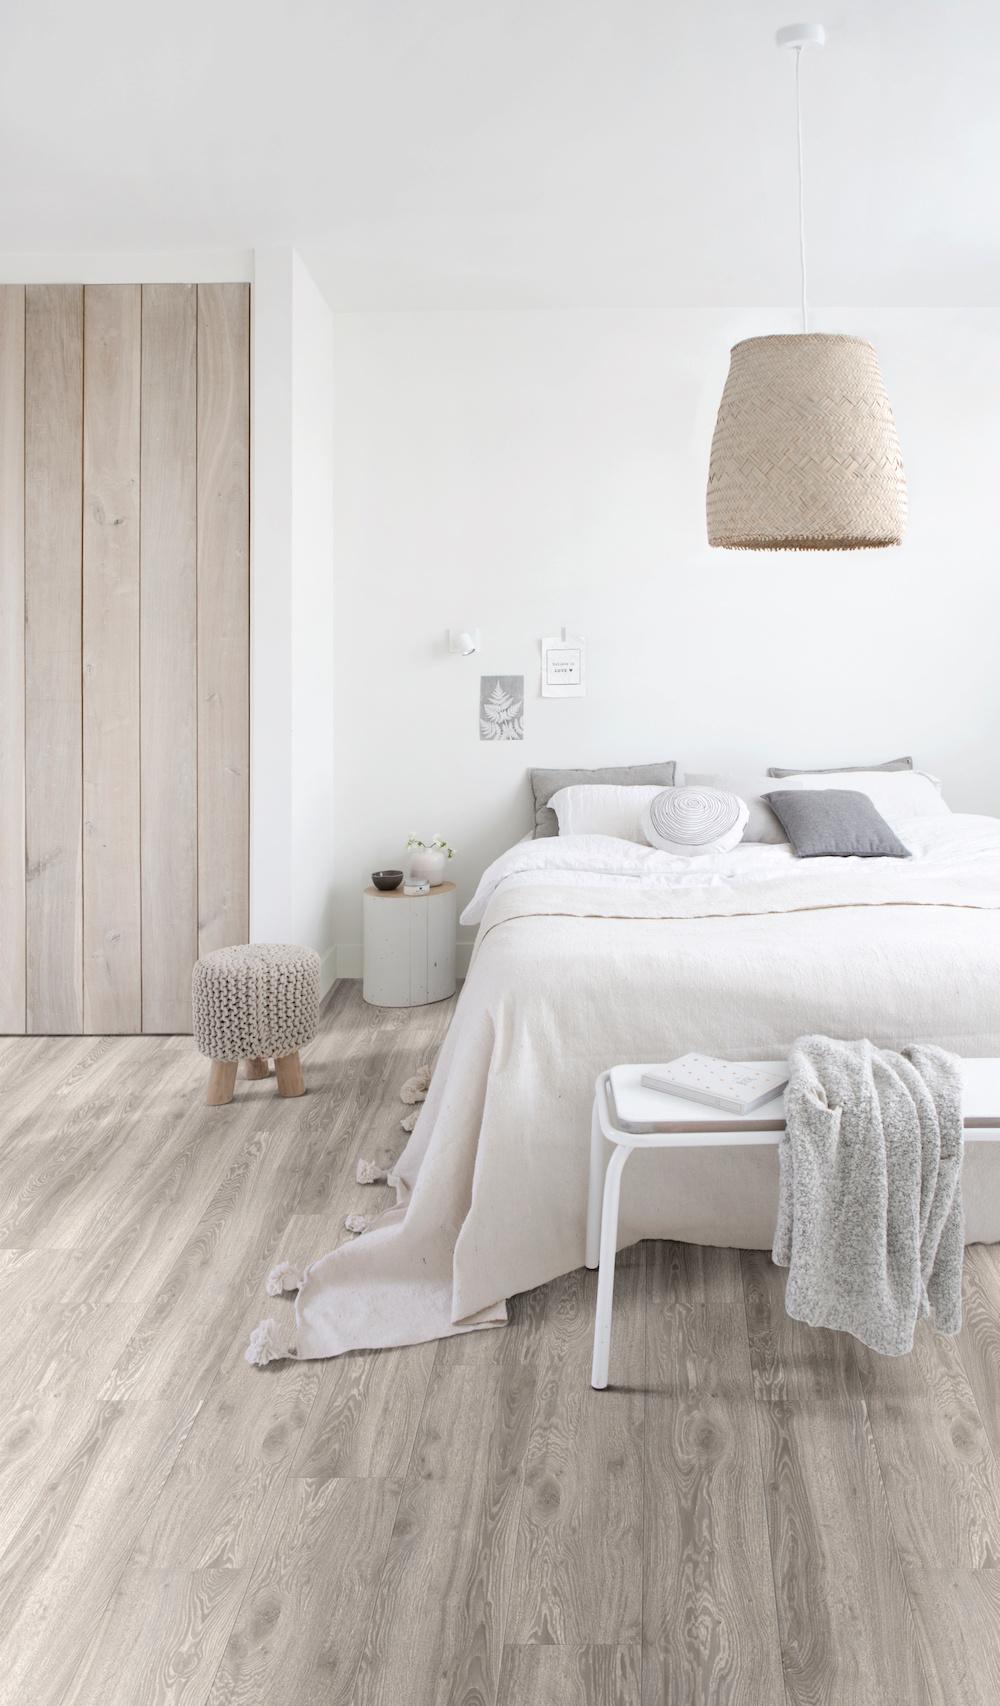 Romantische slaapkamer met houtlook designvloer van Moduleo #slaapkamer #inspiratie #romantisch #vloer #moduleo